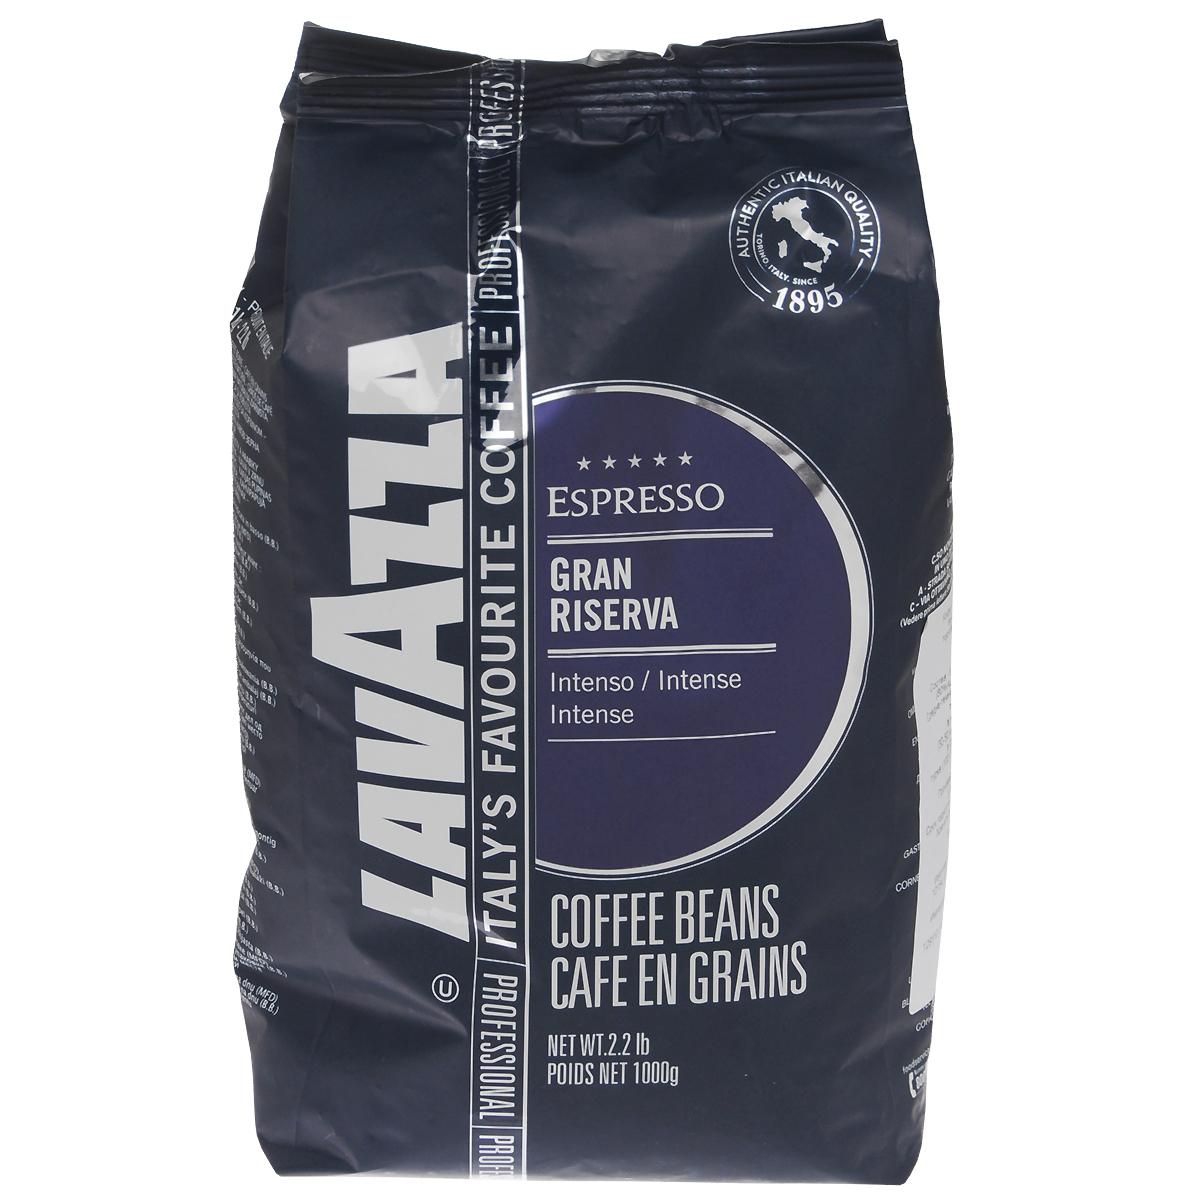 Lavazza Gran Riserva кофе в зернах, 1 кг lavazza crema e aroma espresso кофе в зернах 1 кг